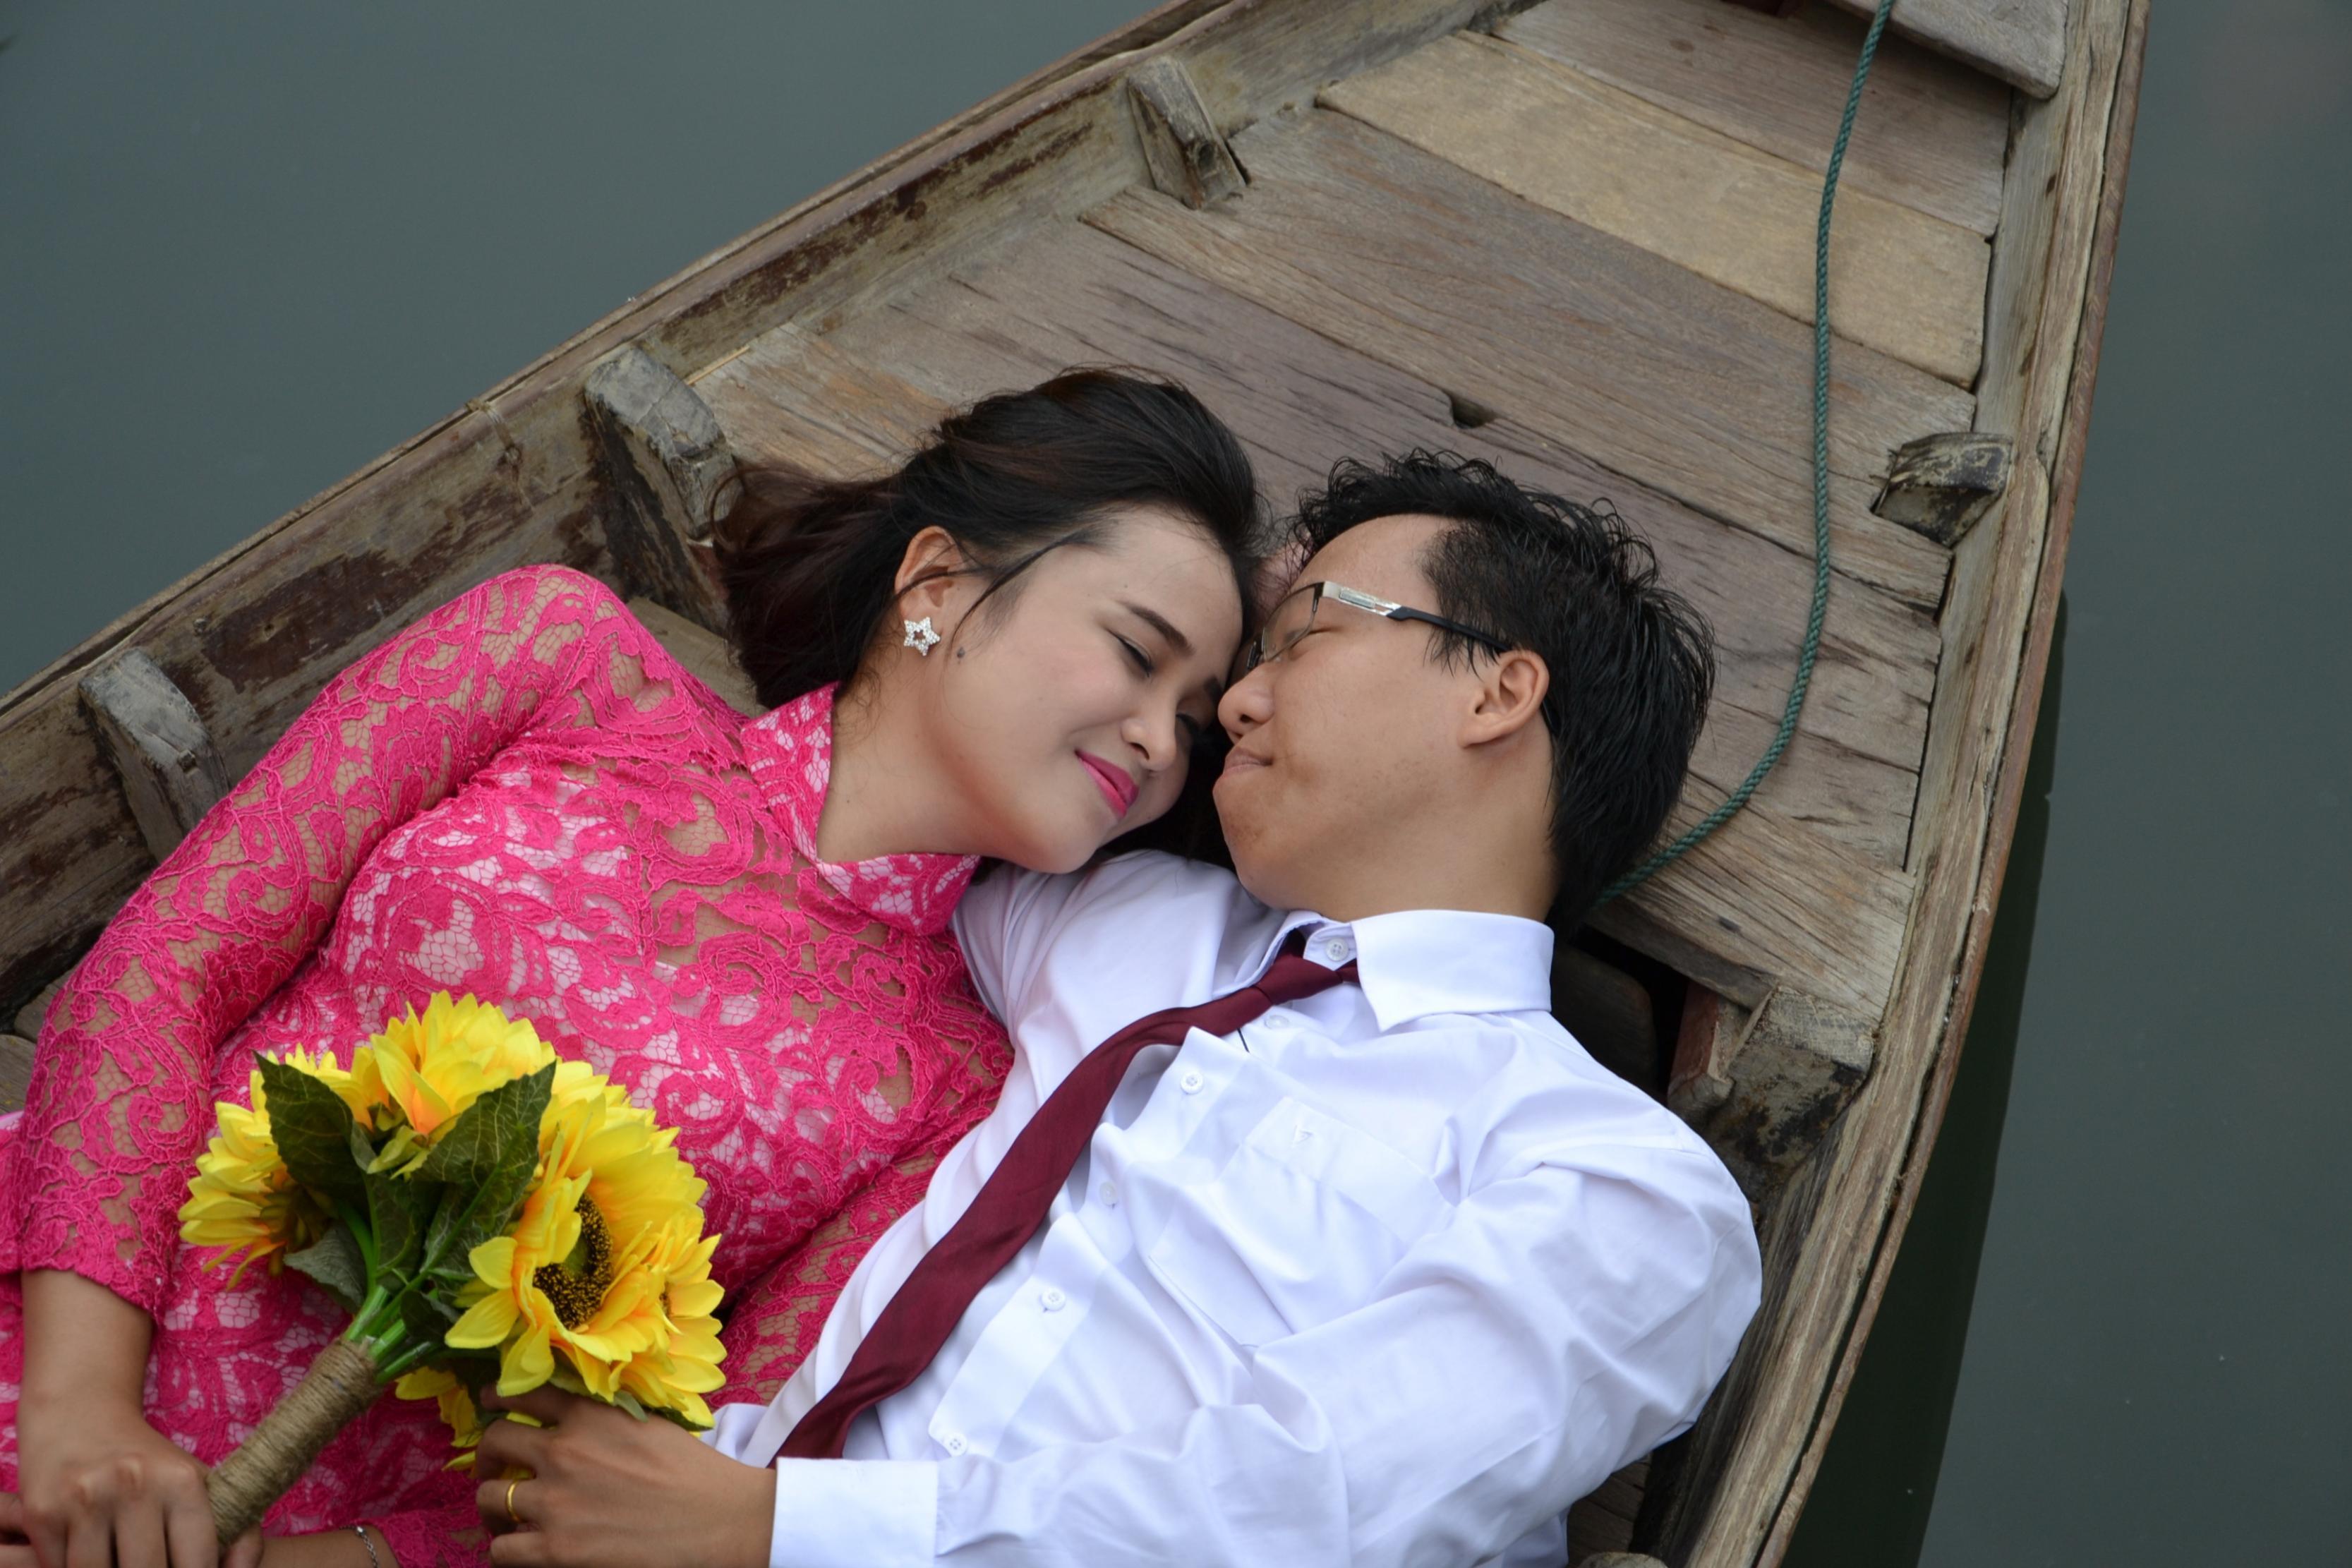 بالصور اجمل صور حب رومانسيه , ياسيدي عالحب والغزل وجماله